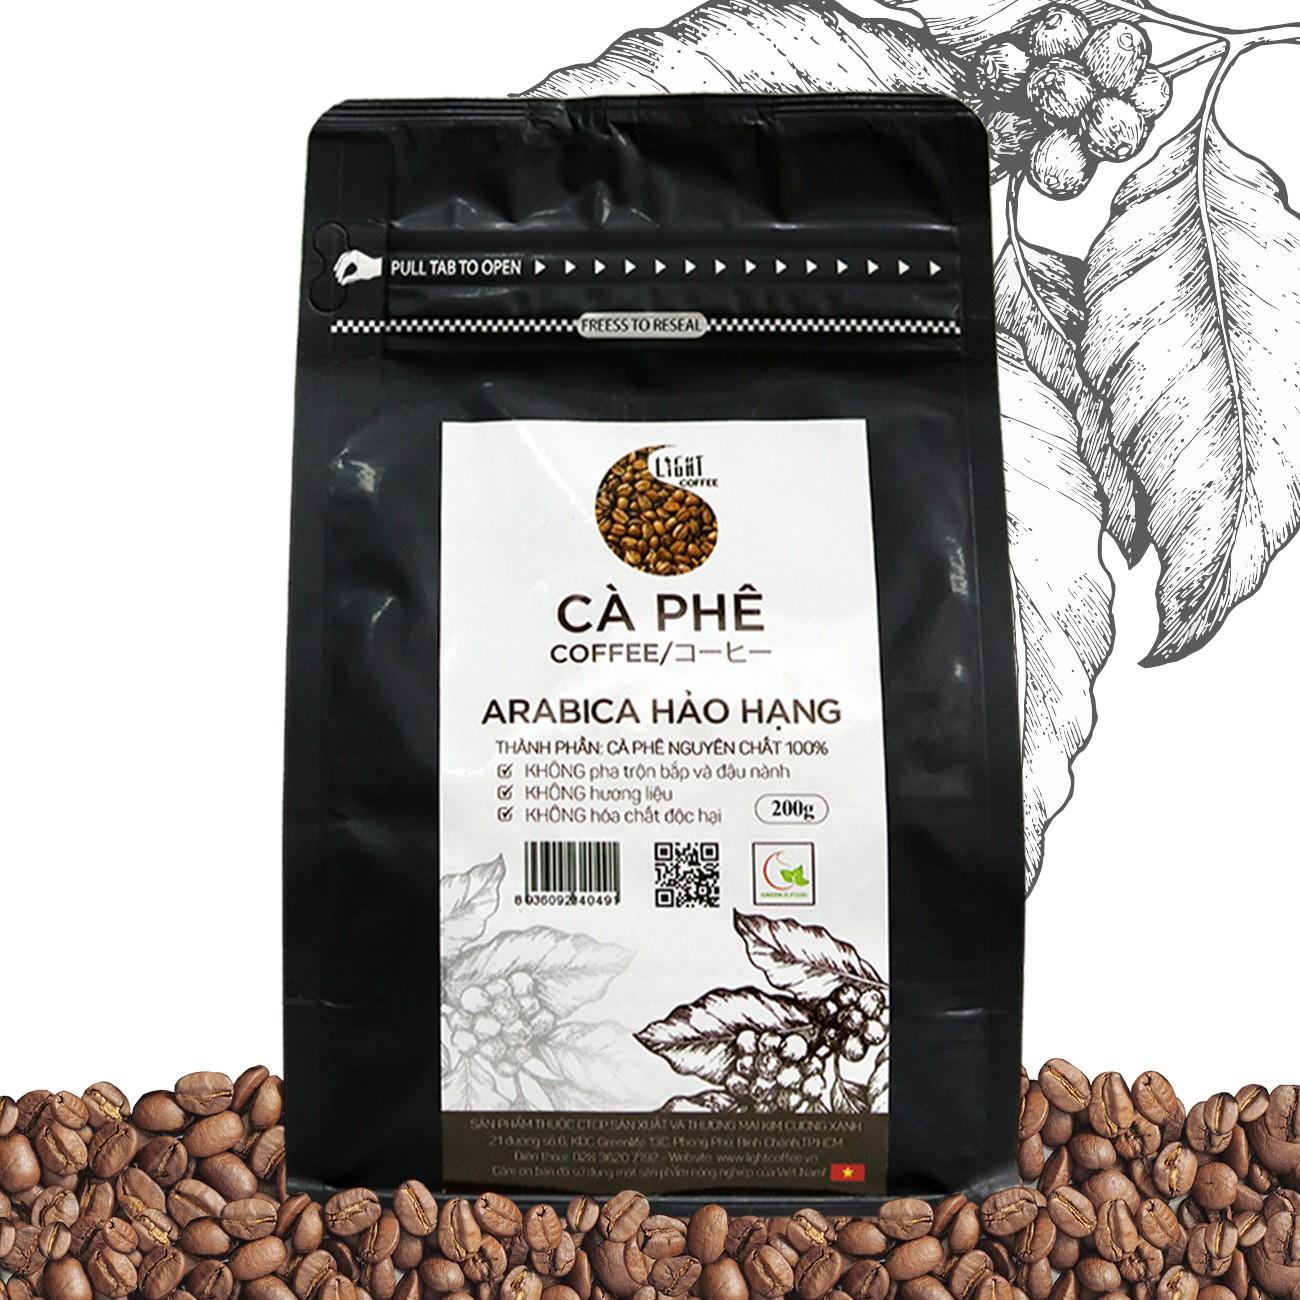 200g - Cà phê hạt Arabica Hảo Hạng - Light coffee